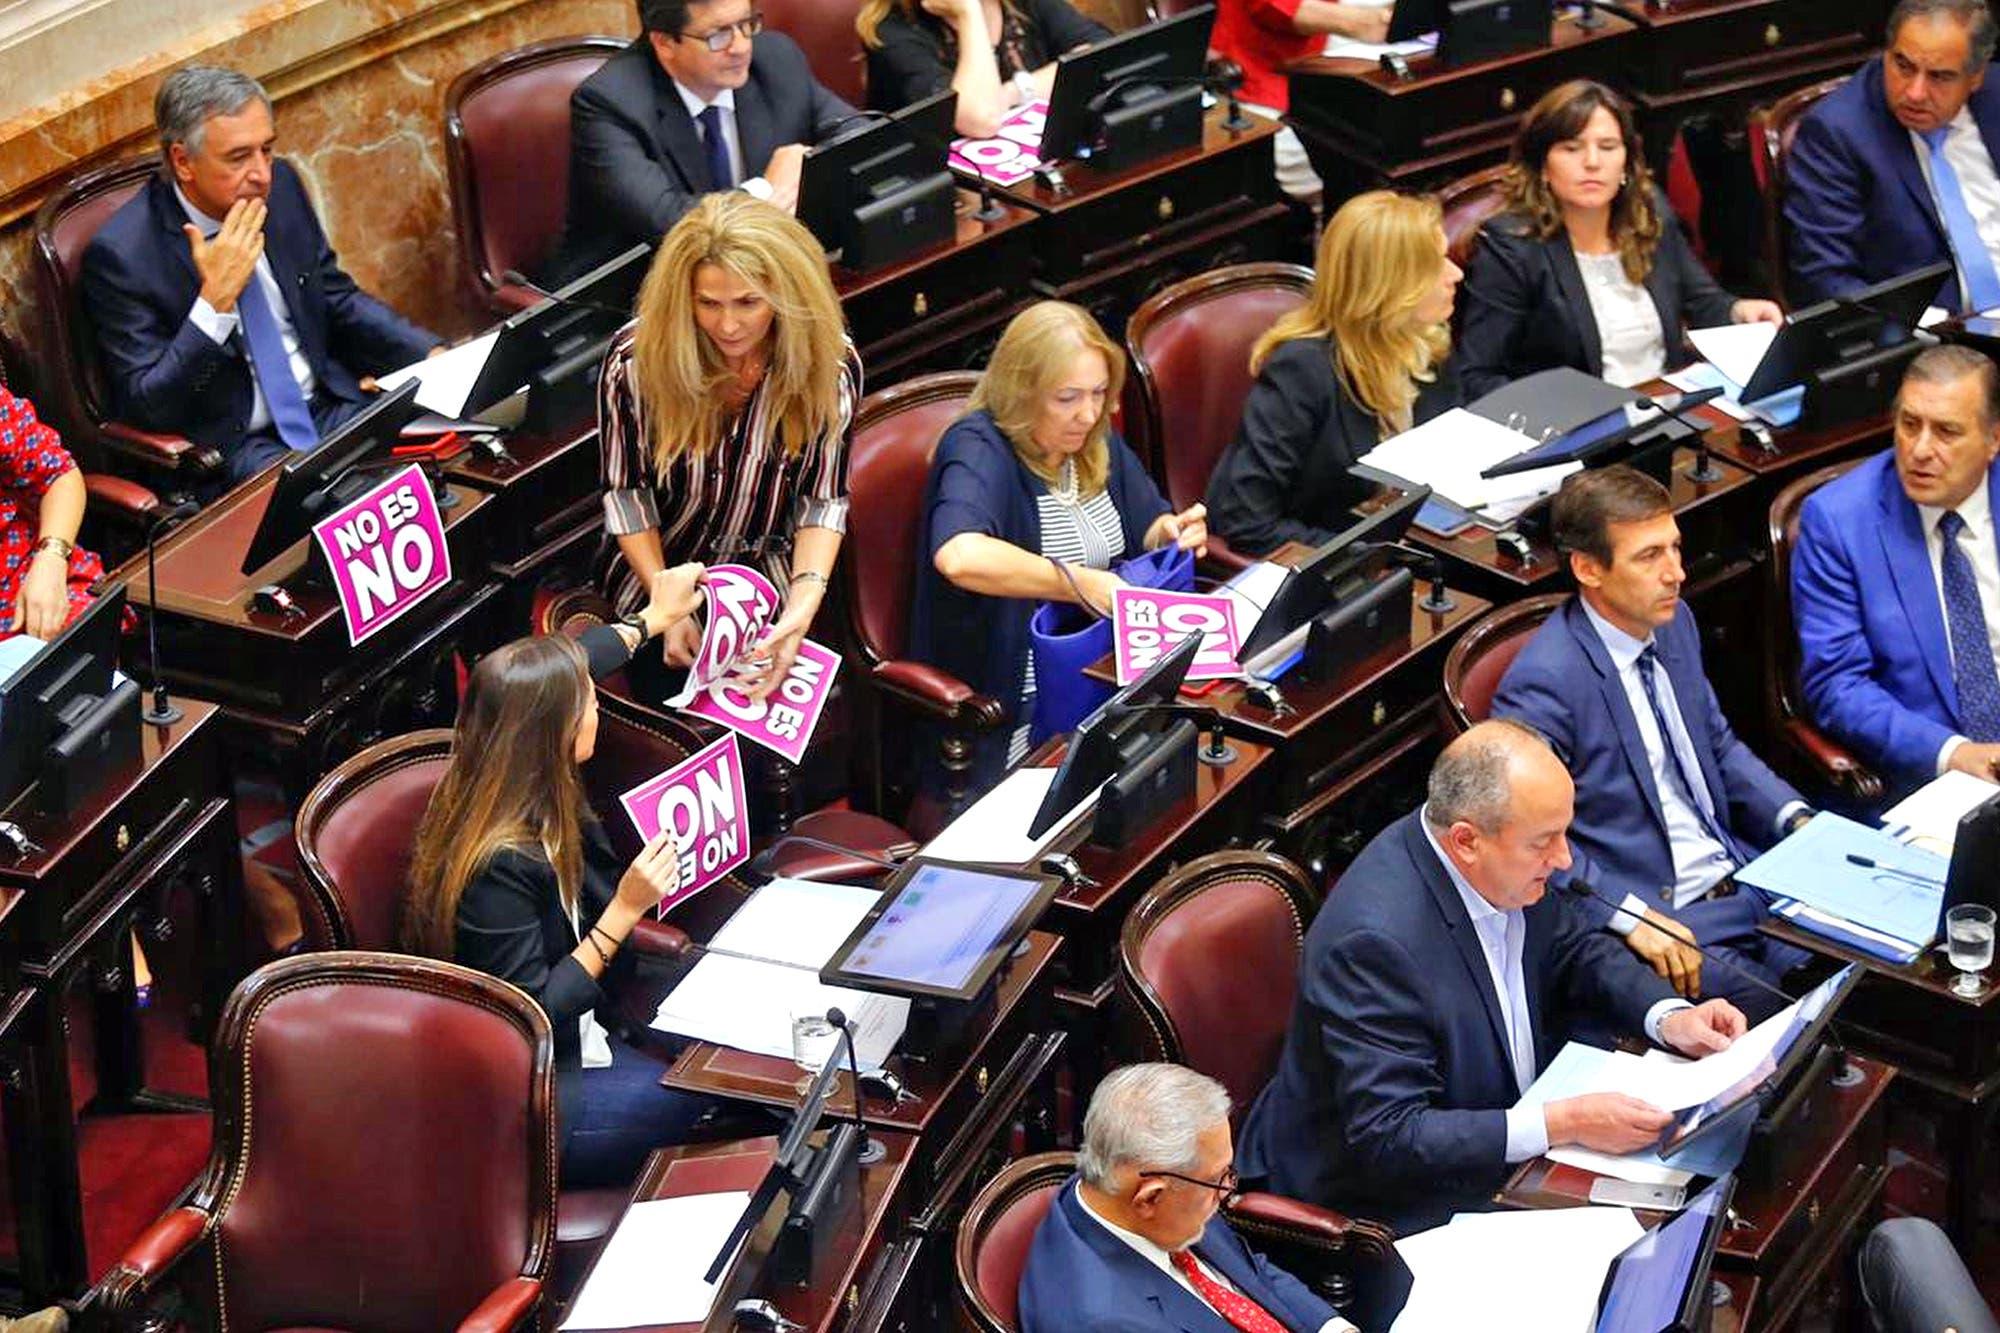 """En el Senado, Marino negó la acusación de abuso sexual: """"Pongo a disposición mis fueros"""""""